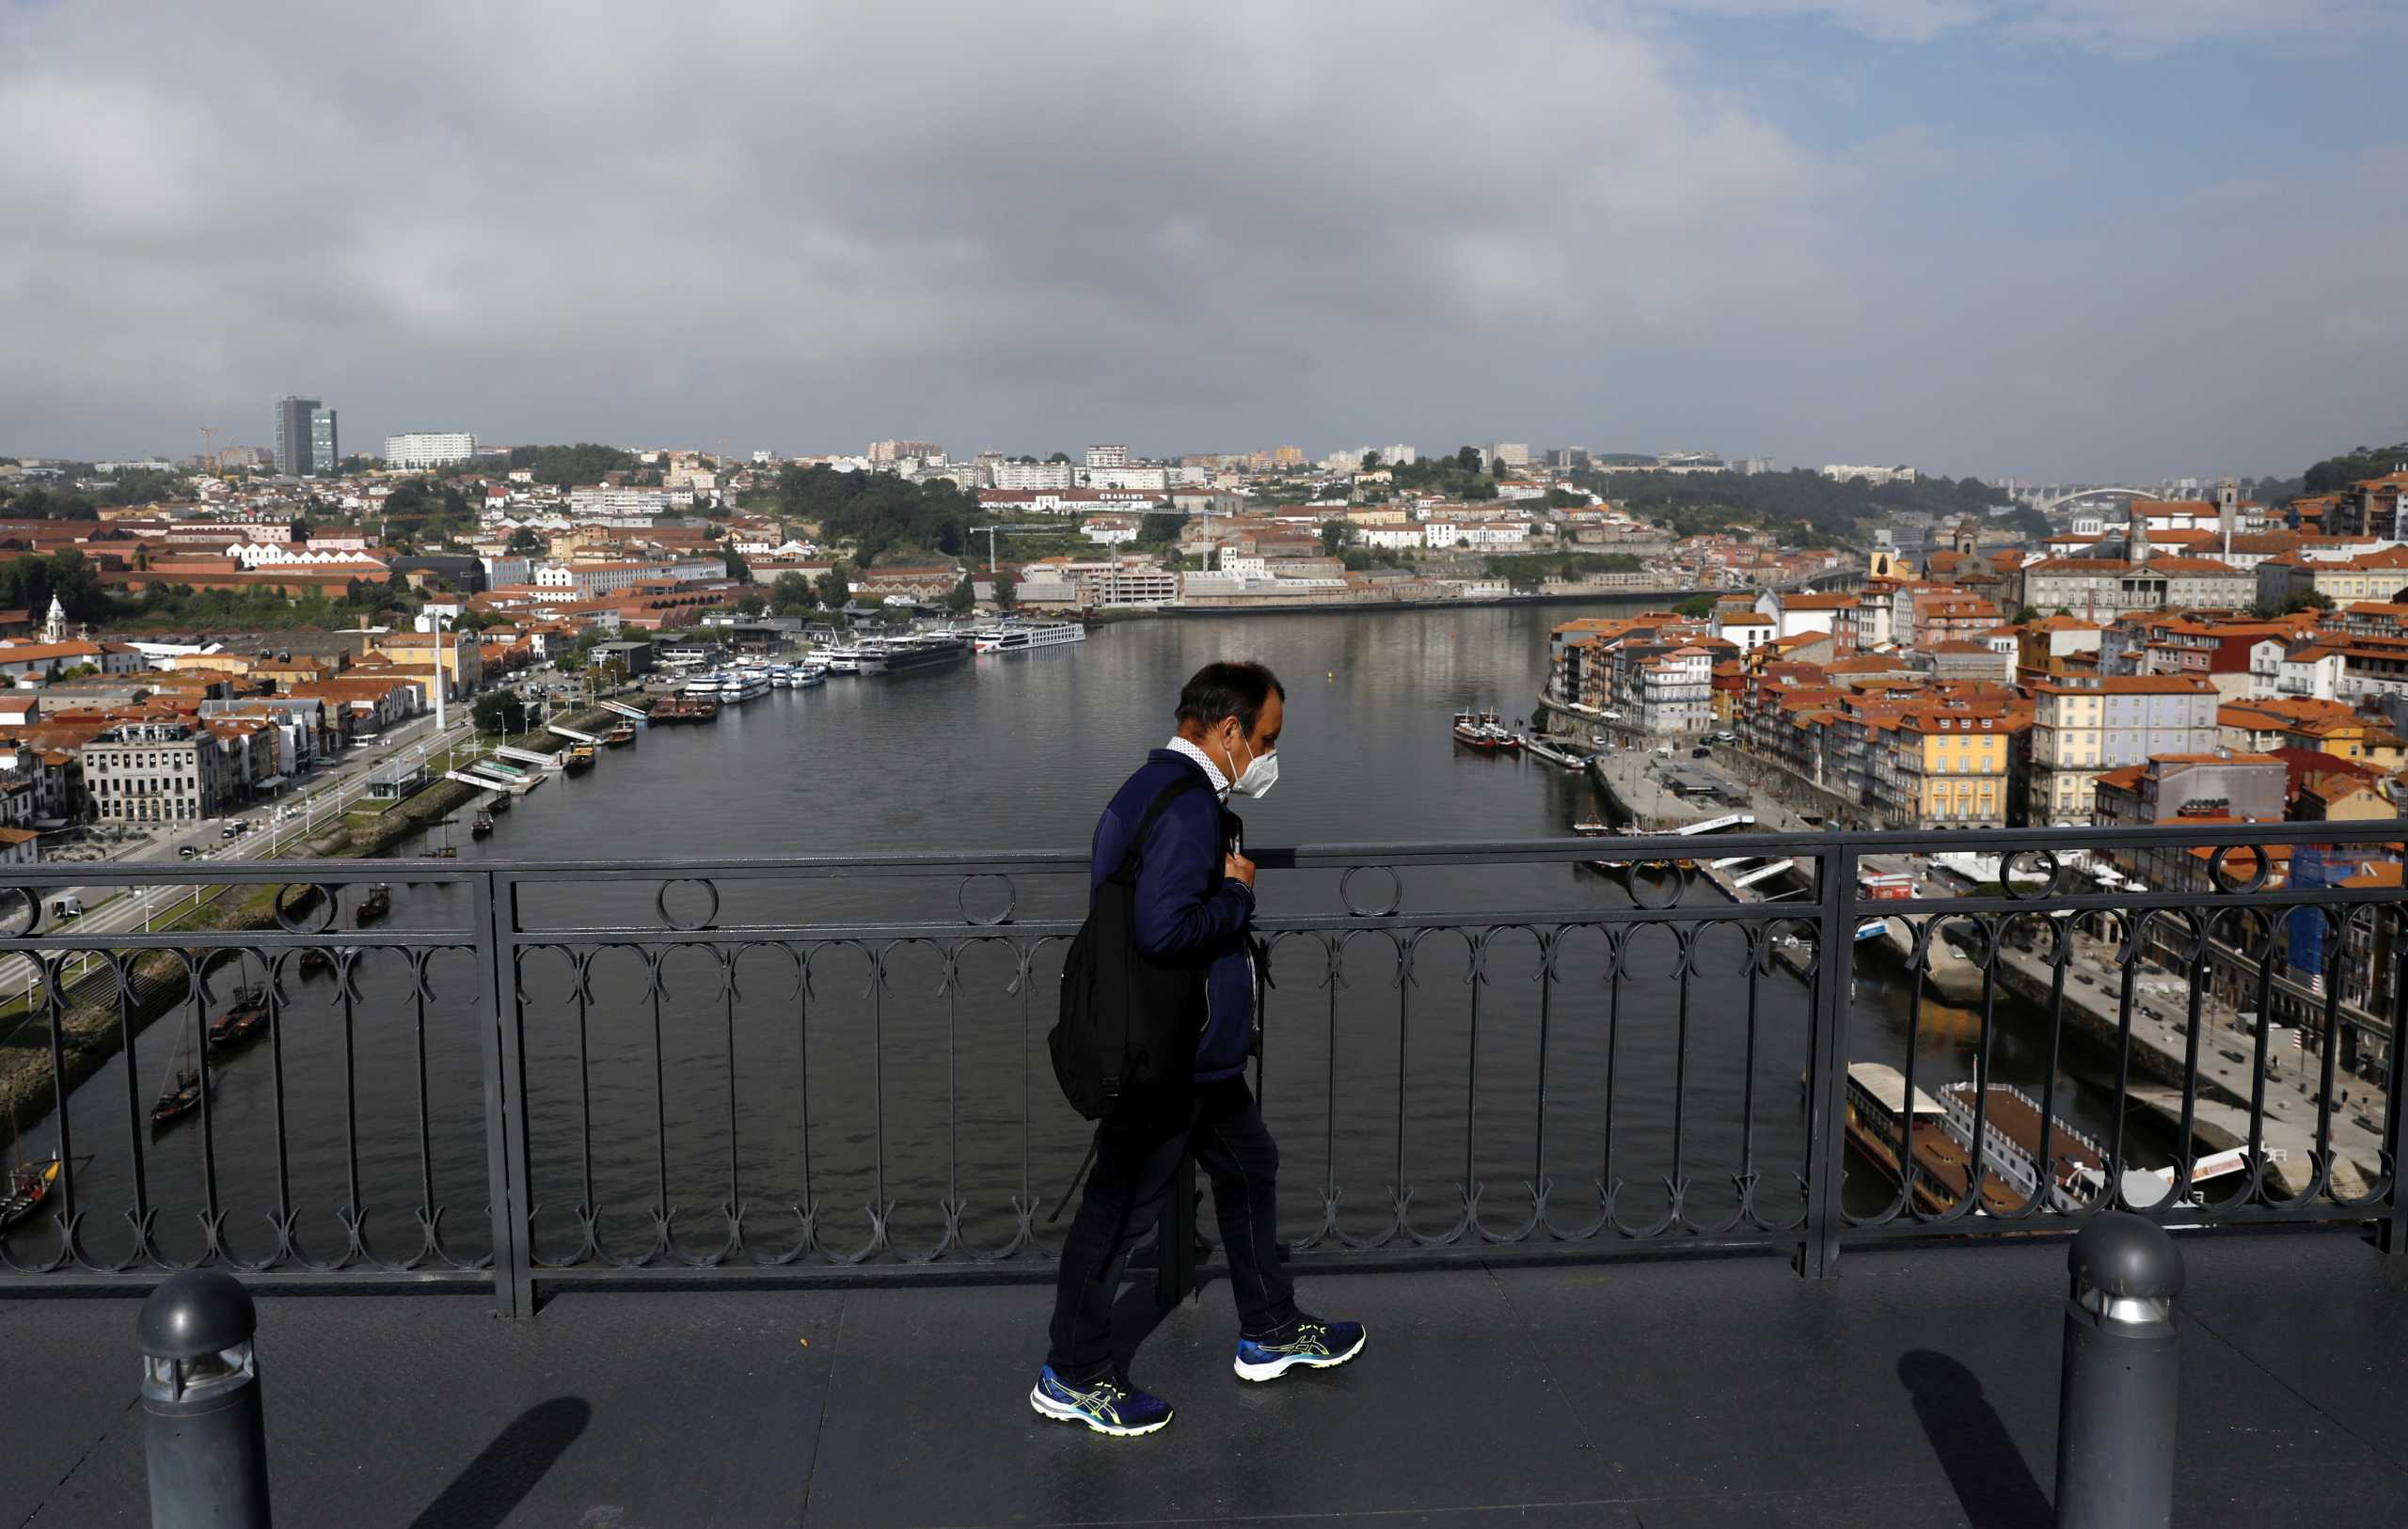 Κορονοϊός – Πορτογαλία: Η μεγαλύτερη αύξηση κρουσμάτων από το Φεβρουάριο